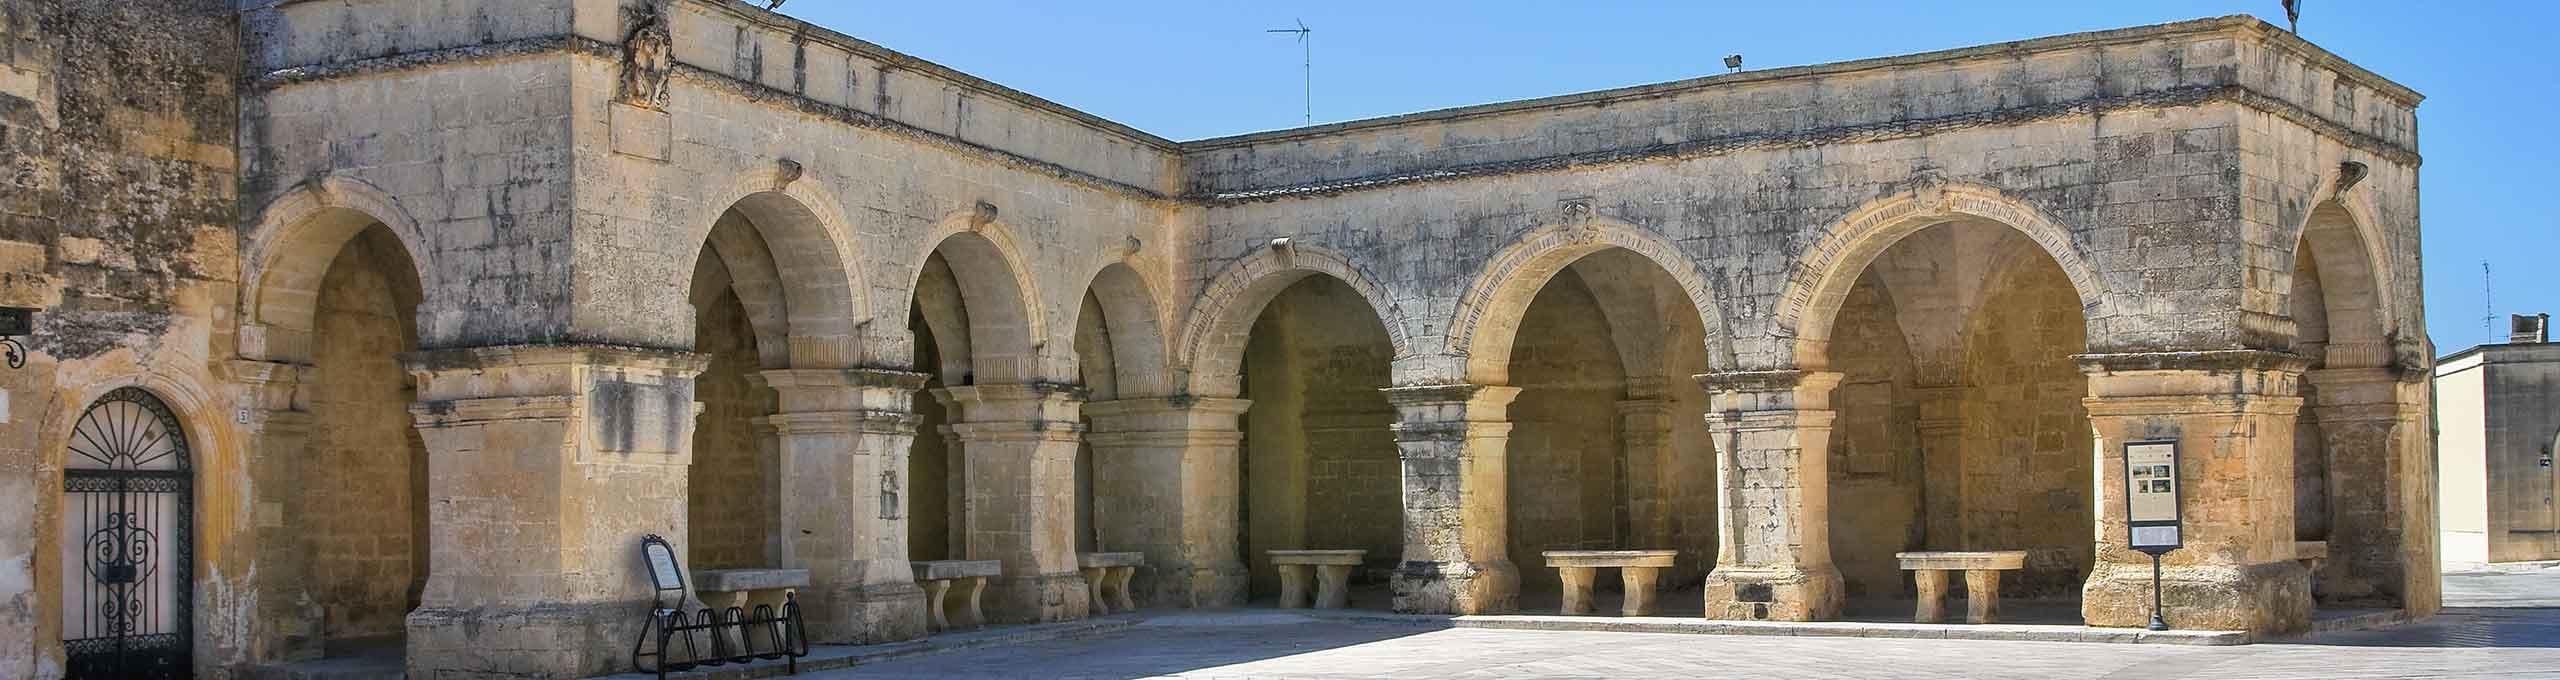 Melpignano, Salerno, arcate di San Giorgio